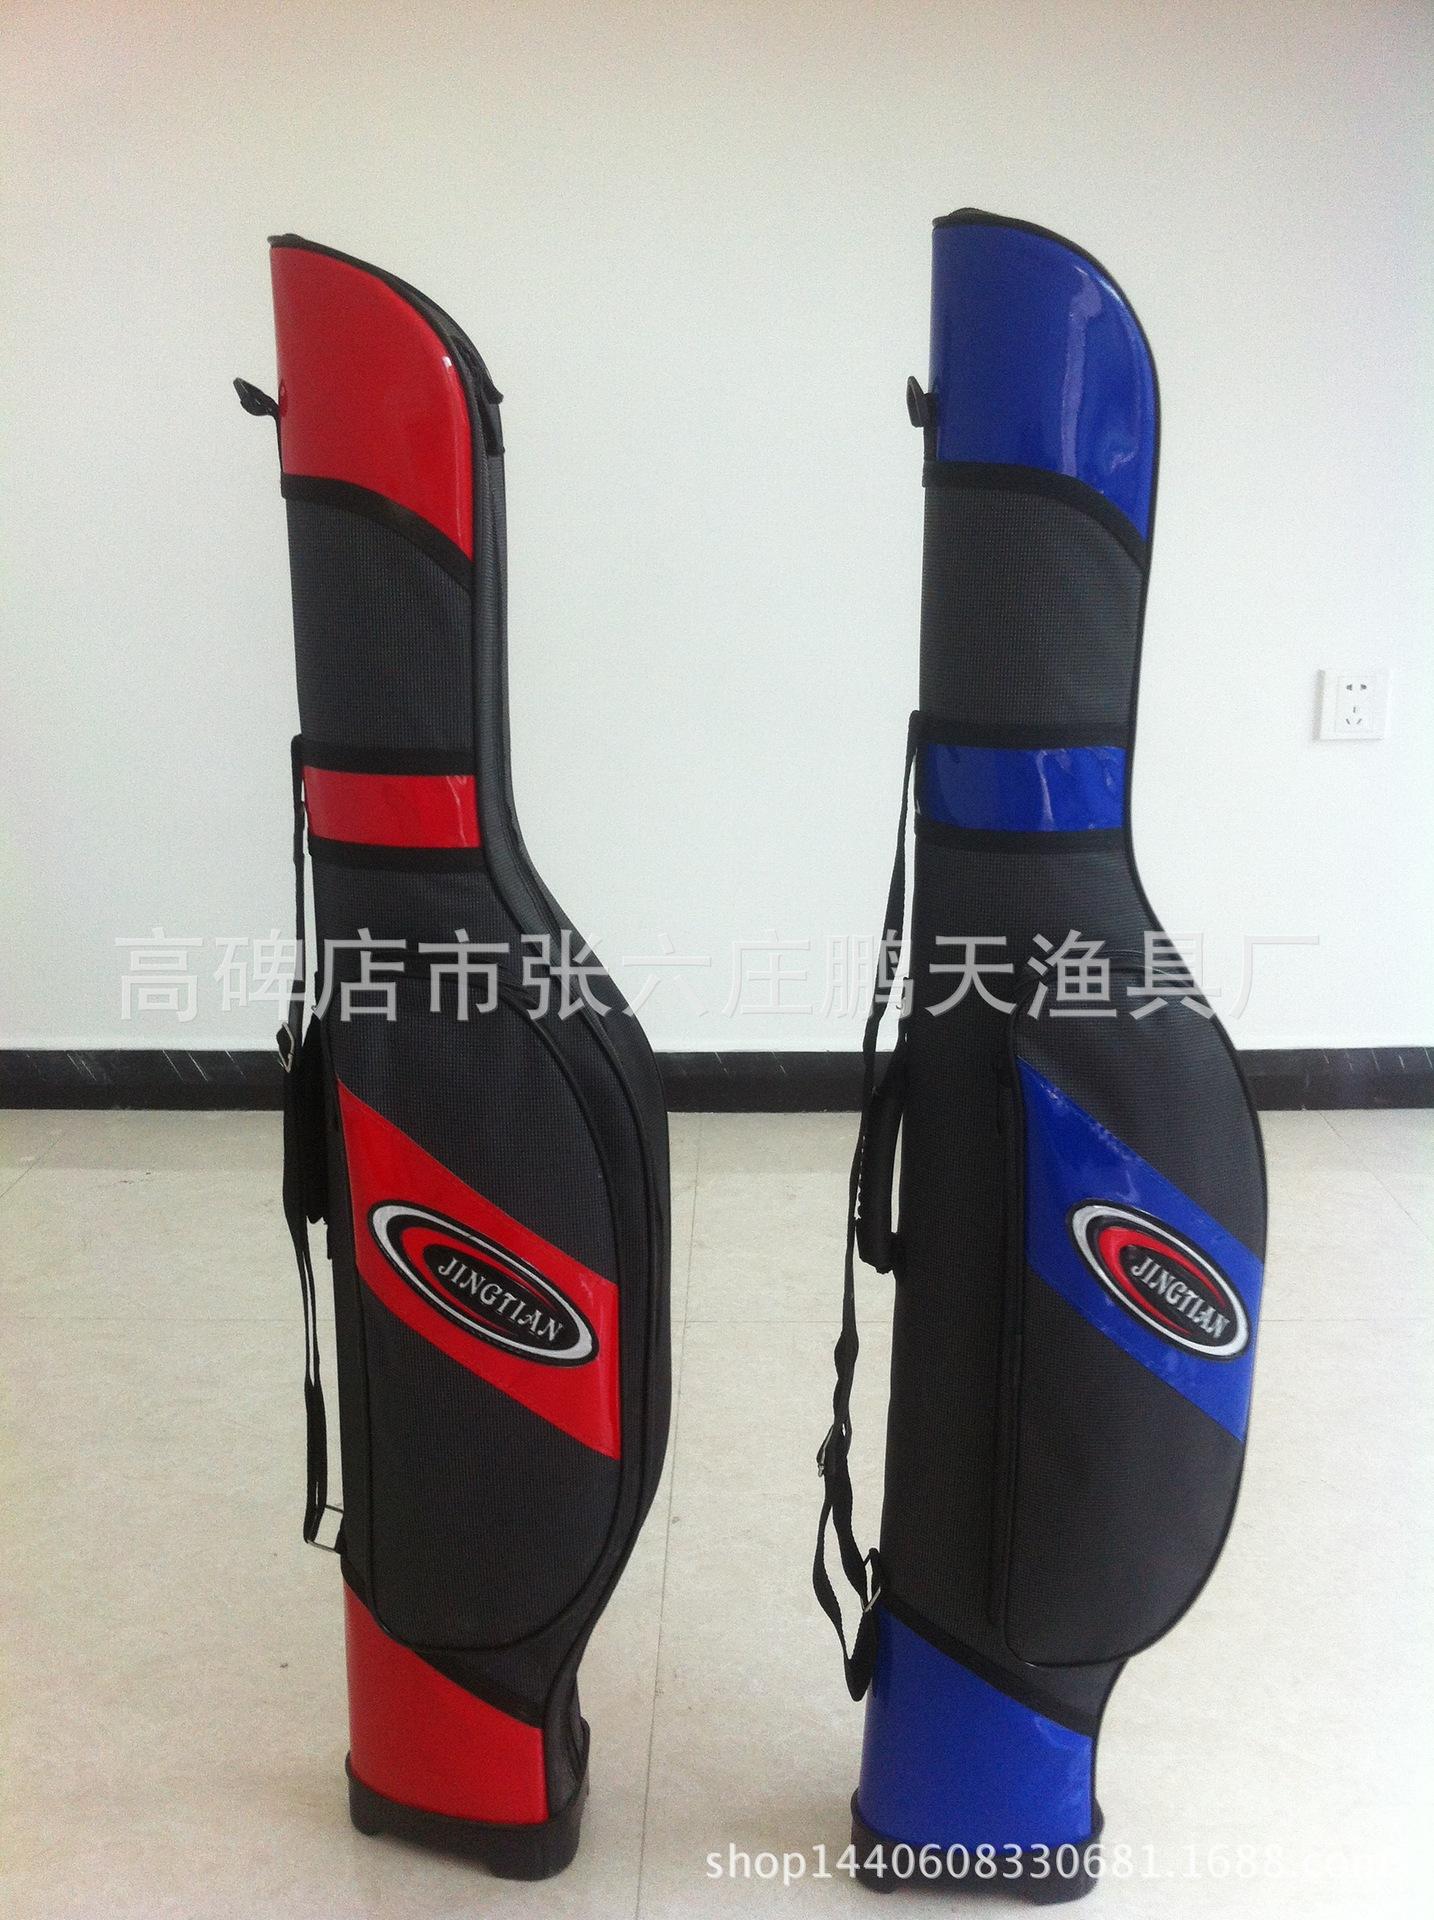 厂家批发质量保证 1.2米台钓竿包渔具鱼杆包圆筒包桶包竿包